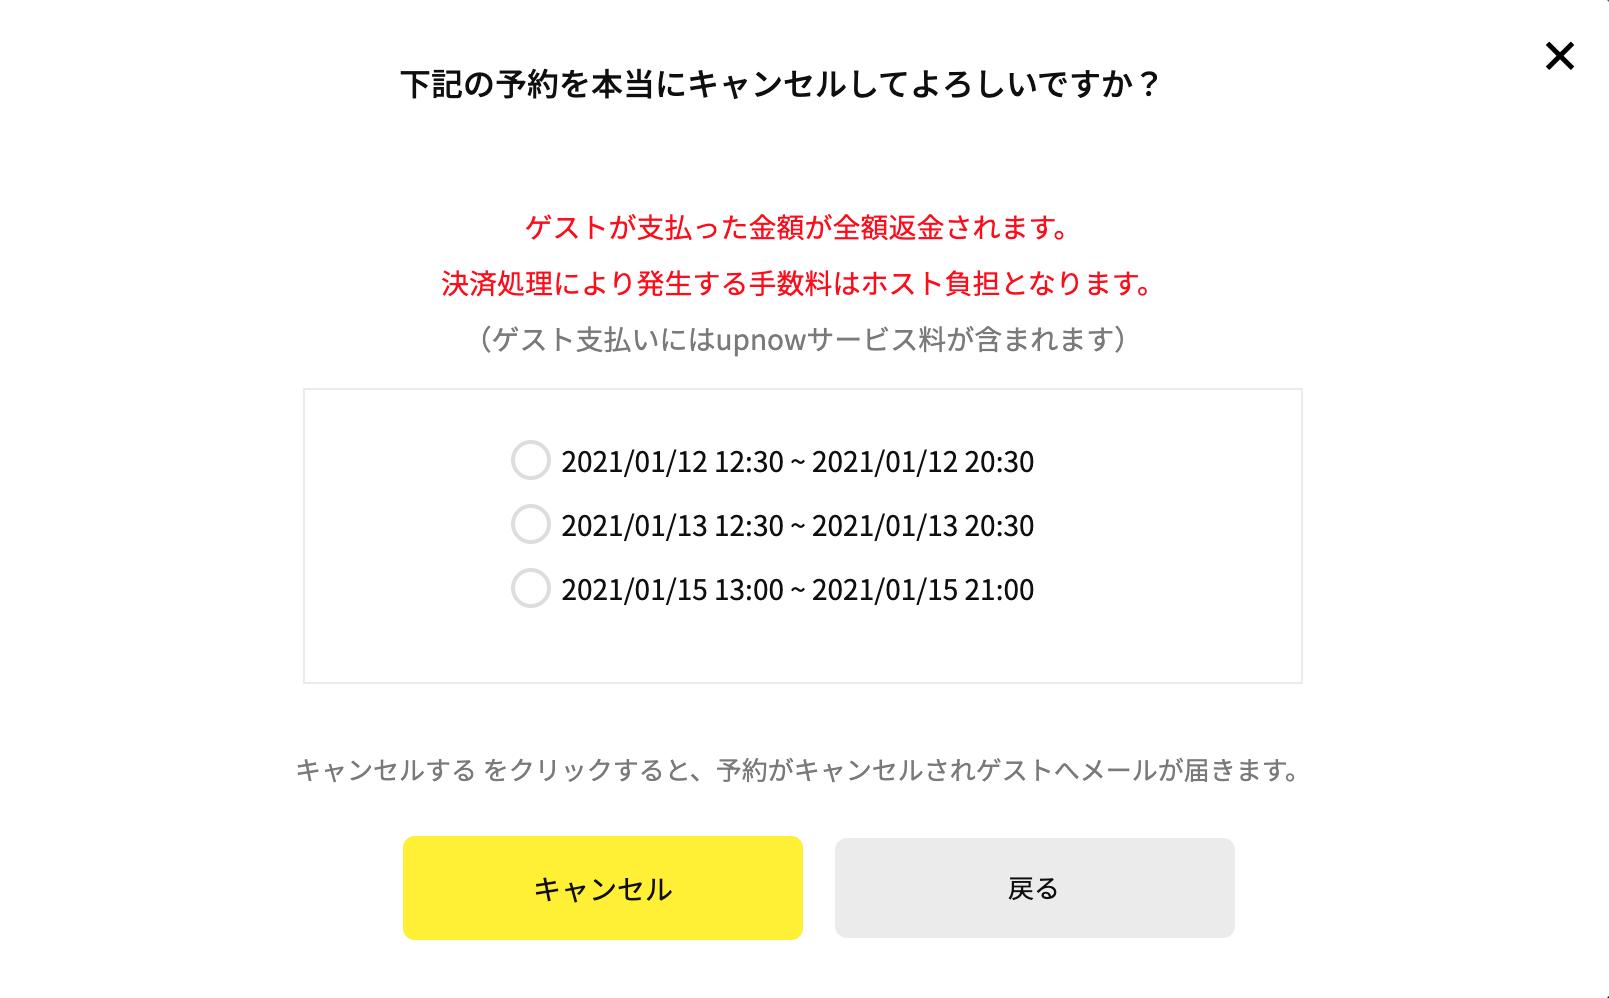 スクリーンショット 2021-01-12 10.36.48.png